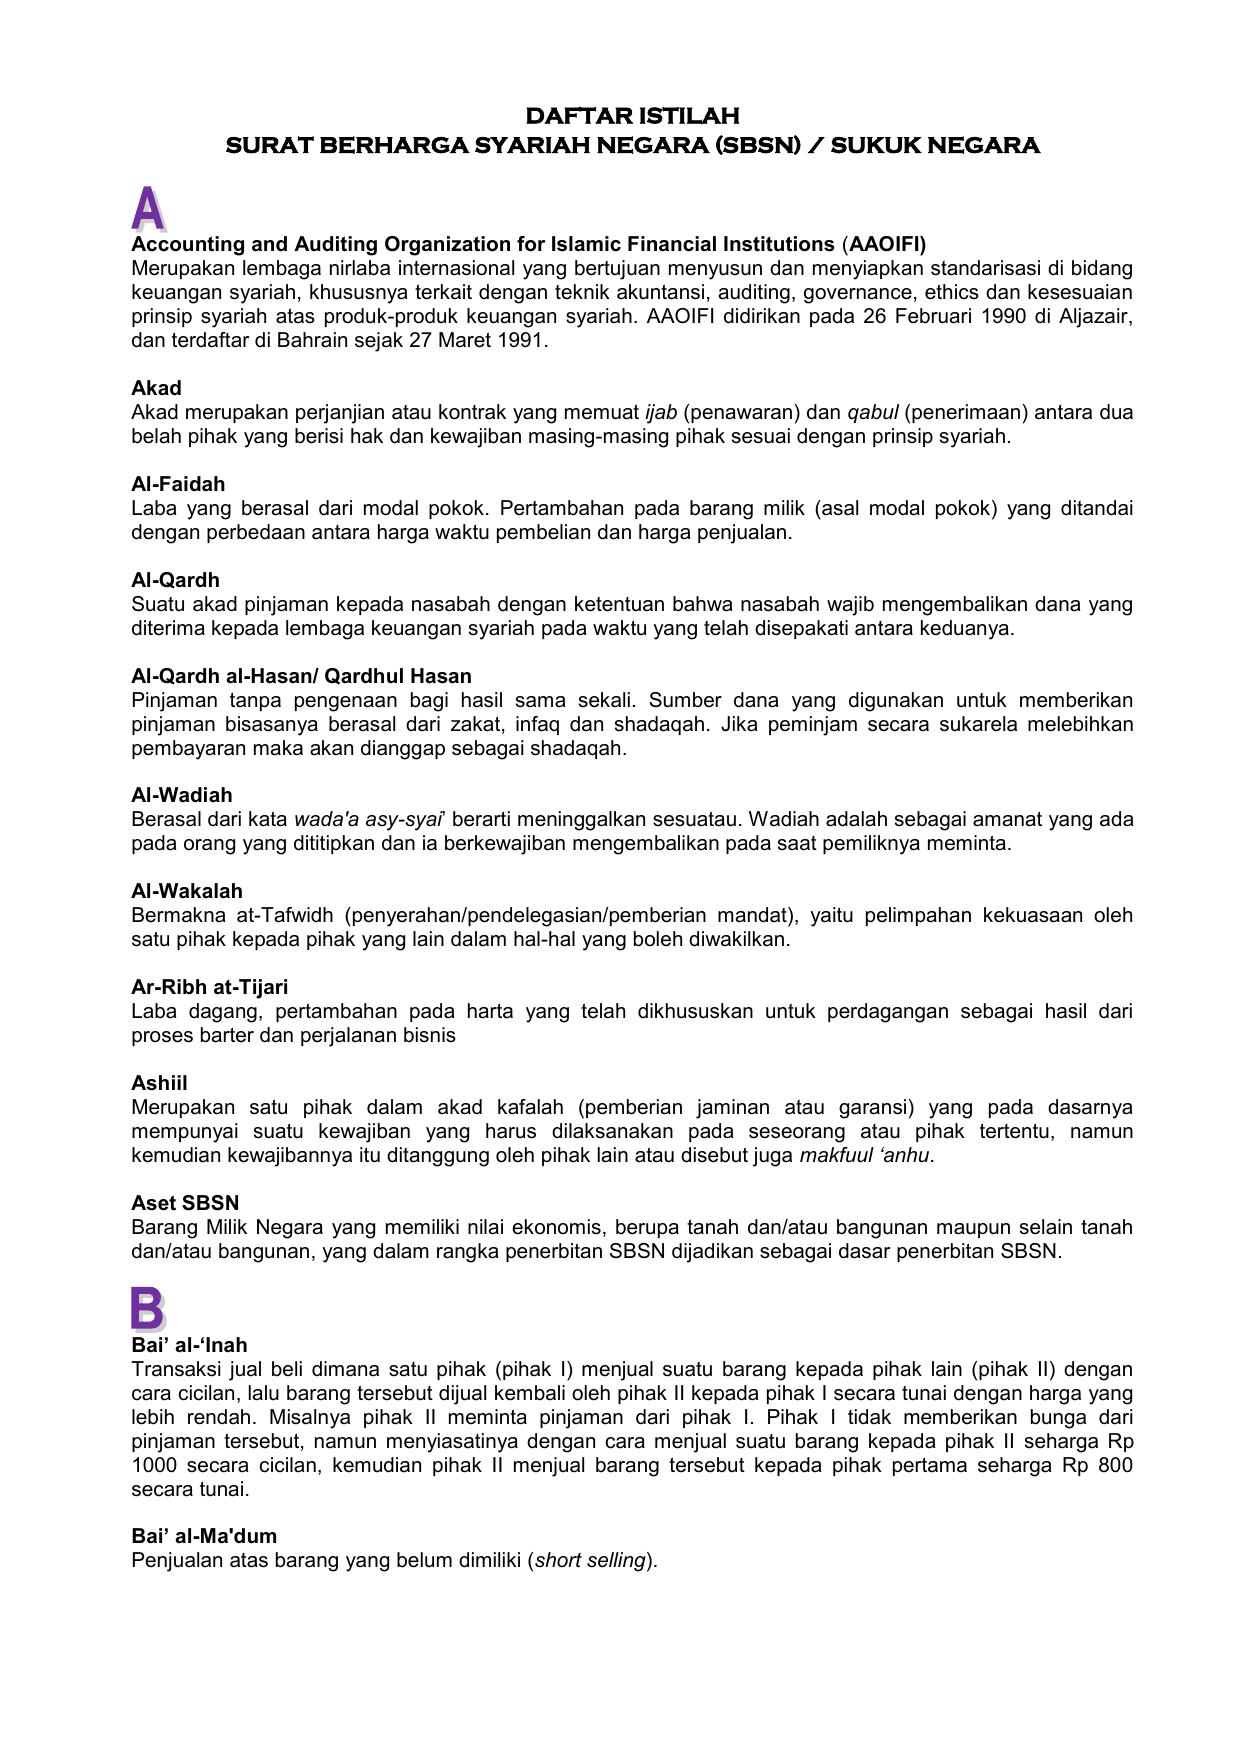 Daftar Istilah Surat Berharga Syariah Negara Sbsn Sukuk